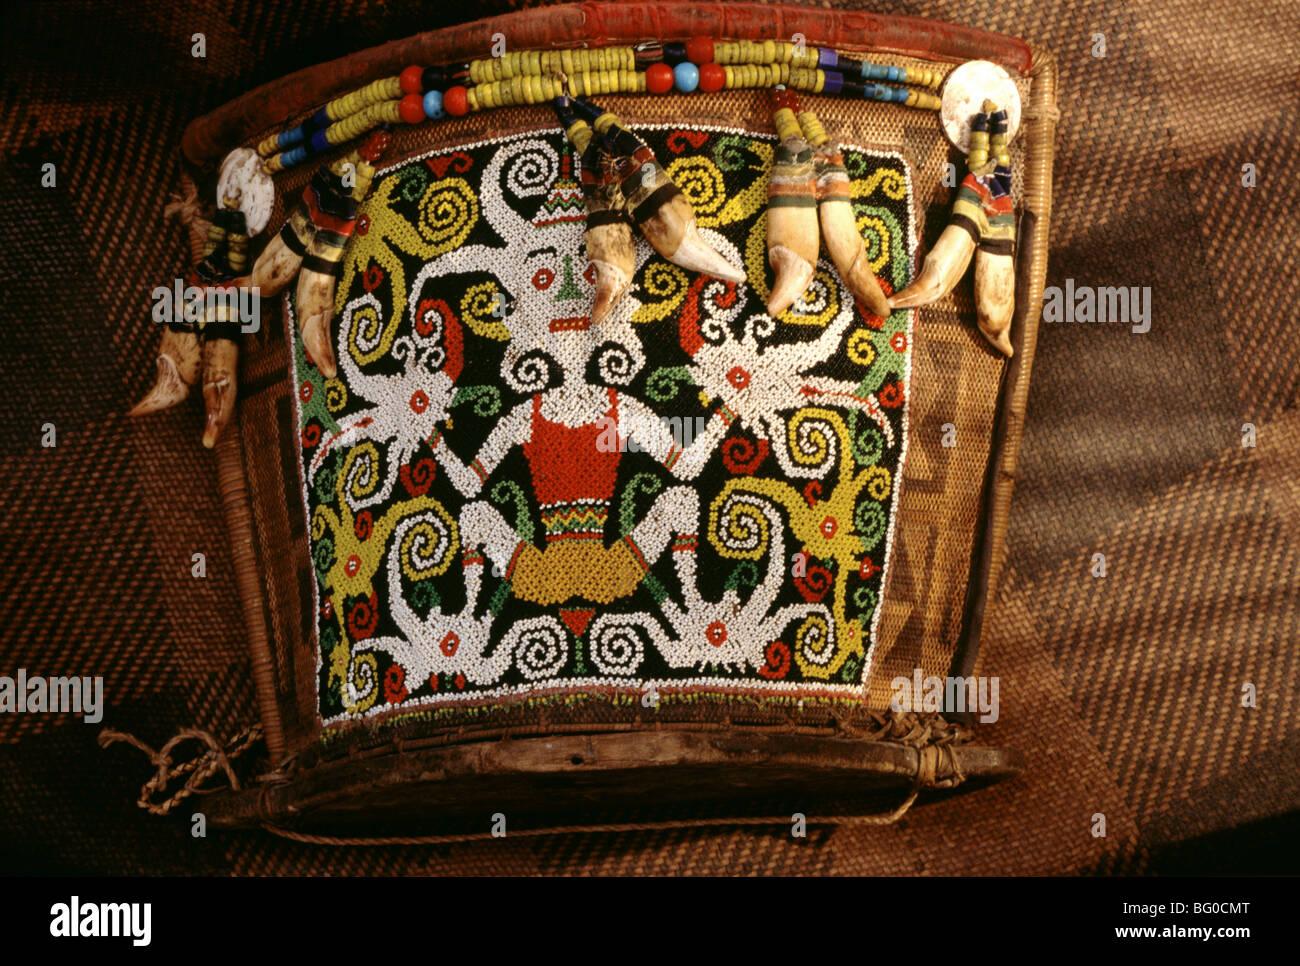 Baby carrier with full-figure motif, Kayan and Kenyah tribes, Sarawak, Borneo, Malaysia, Asia - Stock Image